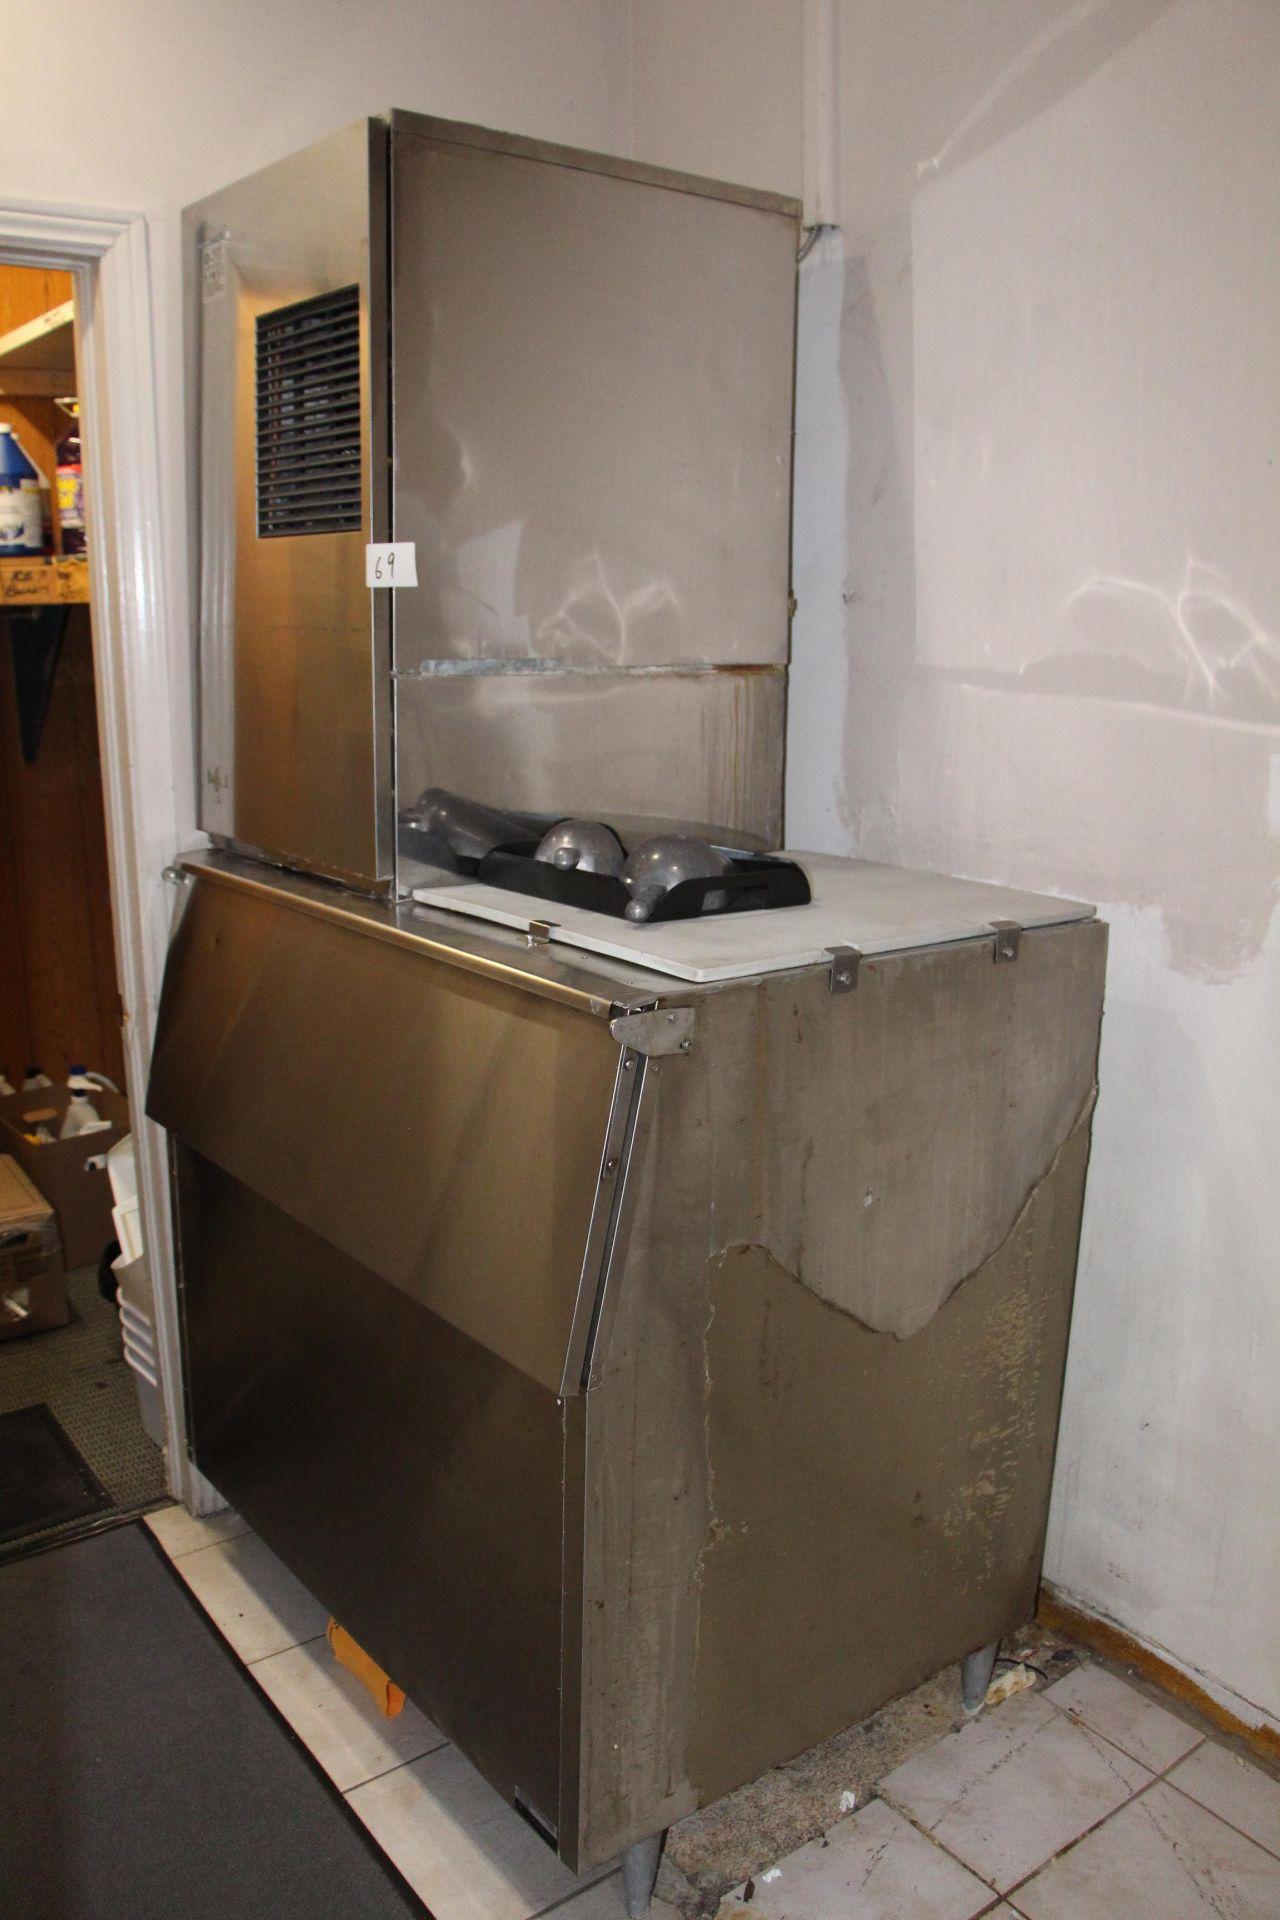 Lot 69 - Hoshizaki model KM-630MWB ice maker c/w s/s ice storage bin